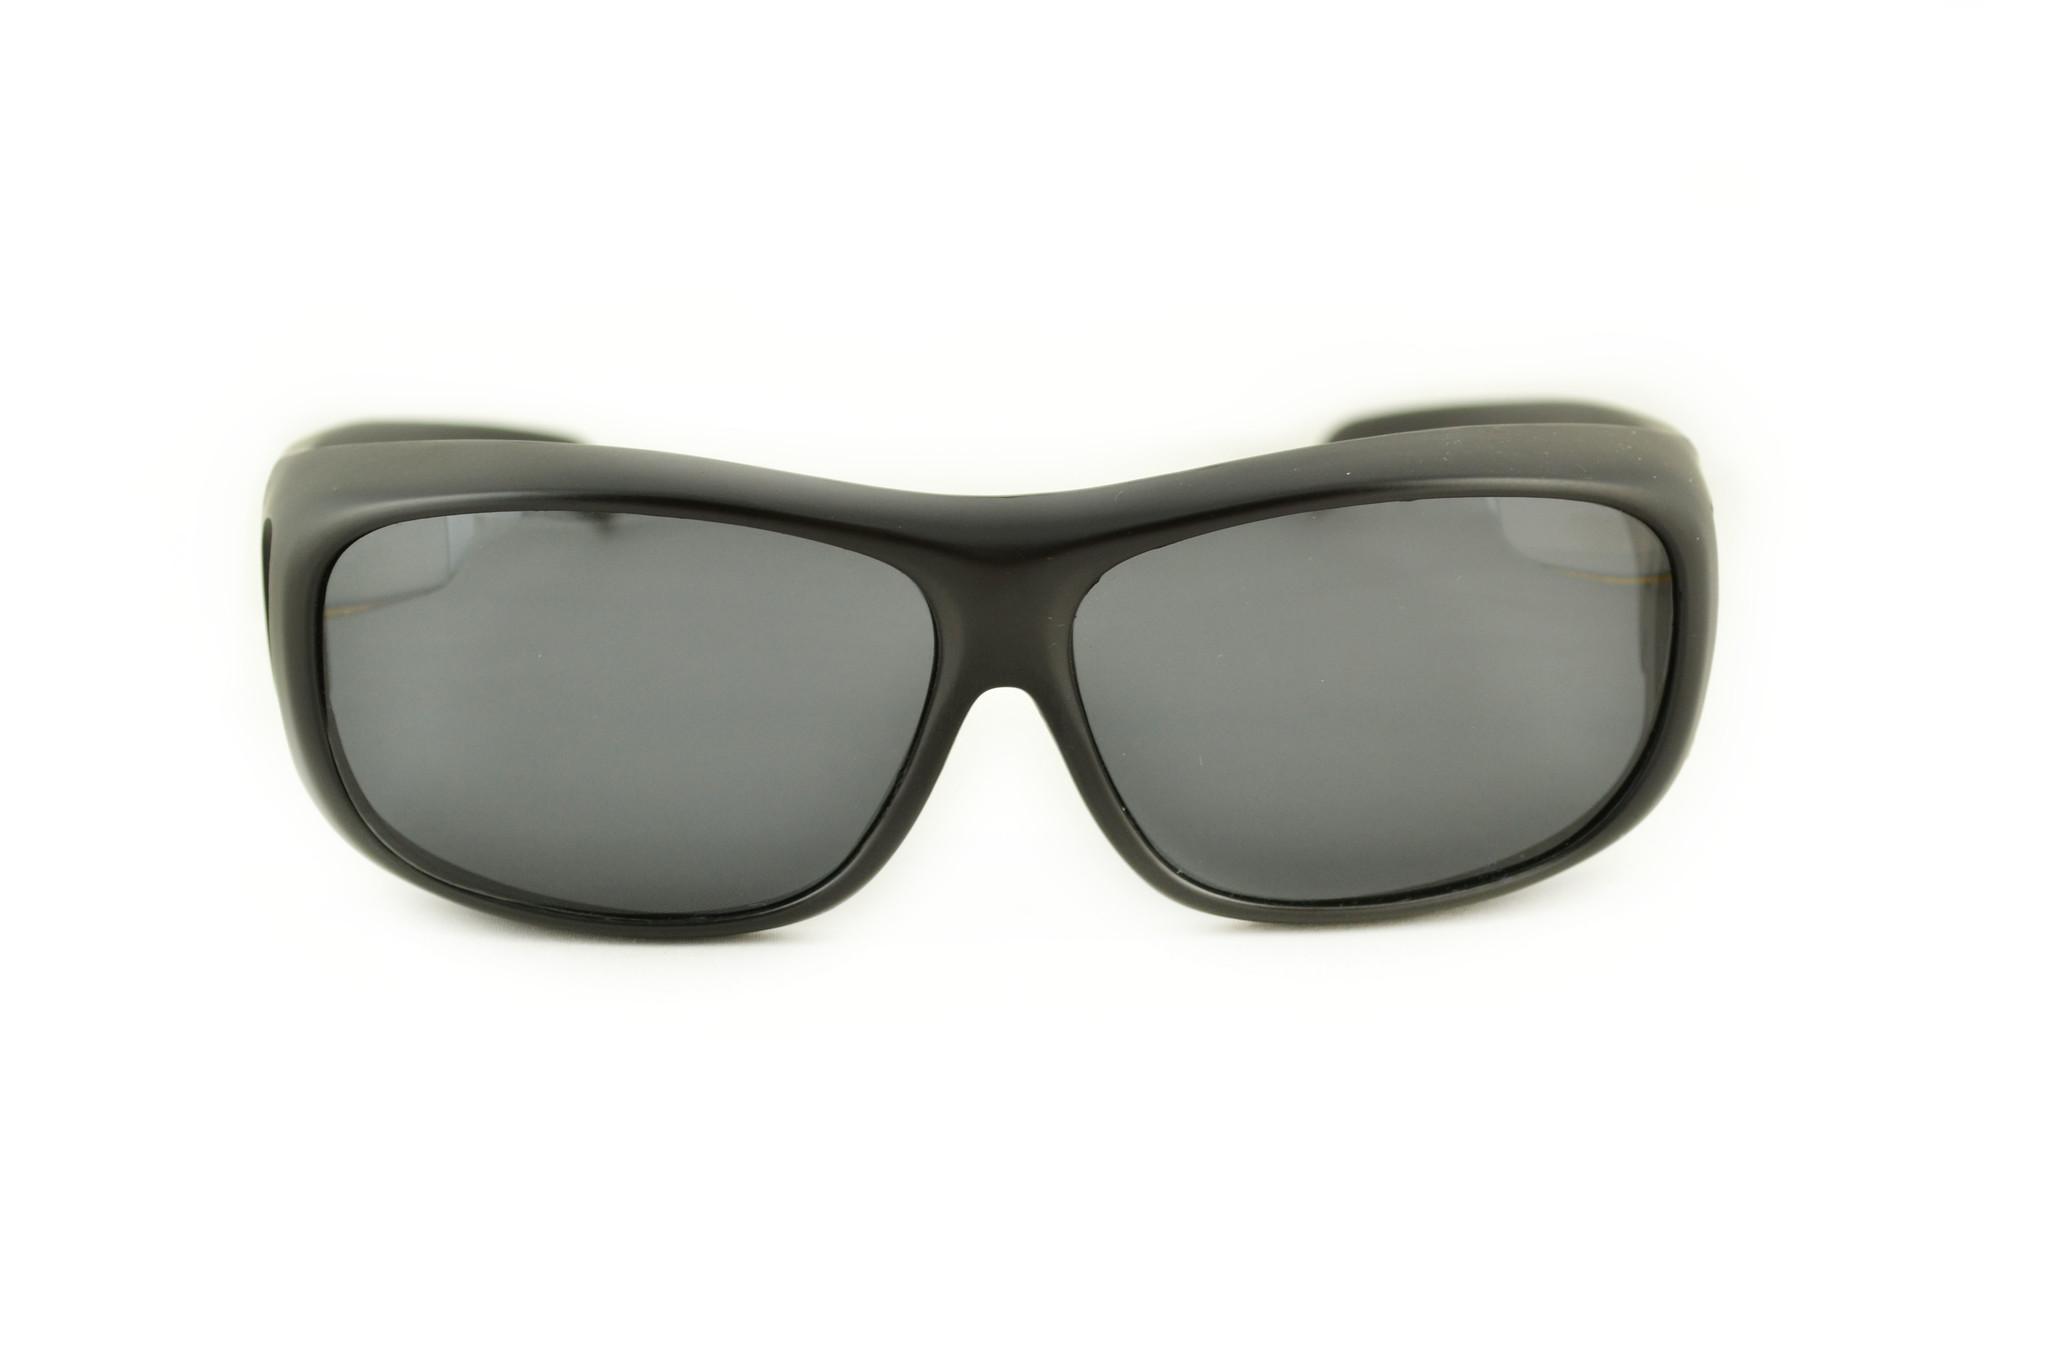 3e0391c7bdbe9d Zonnebril over je gewone bril heen - Brillenkampioen